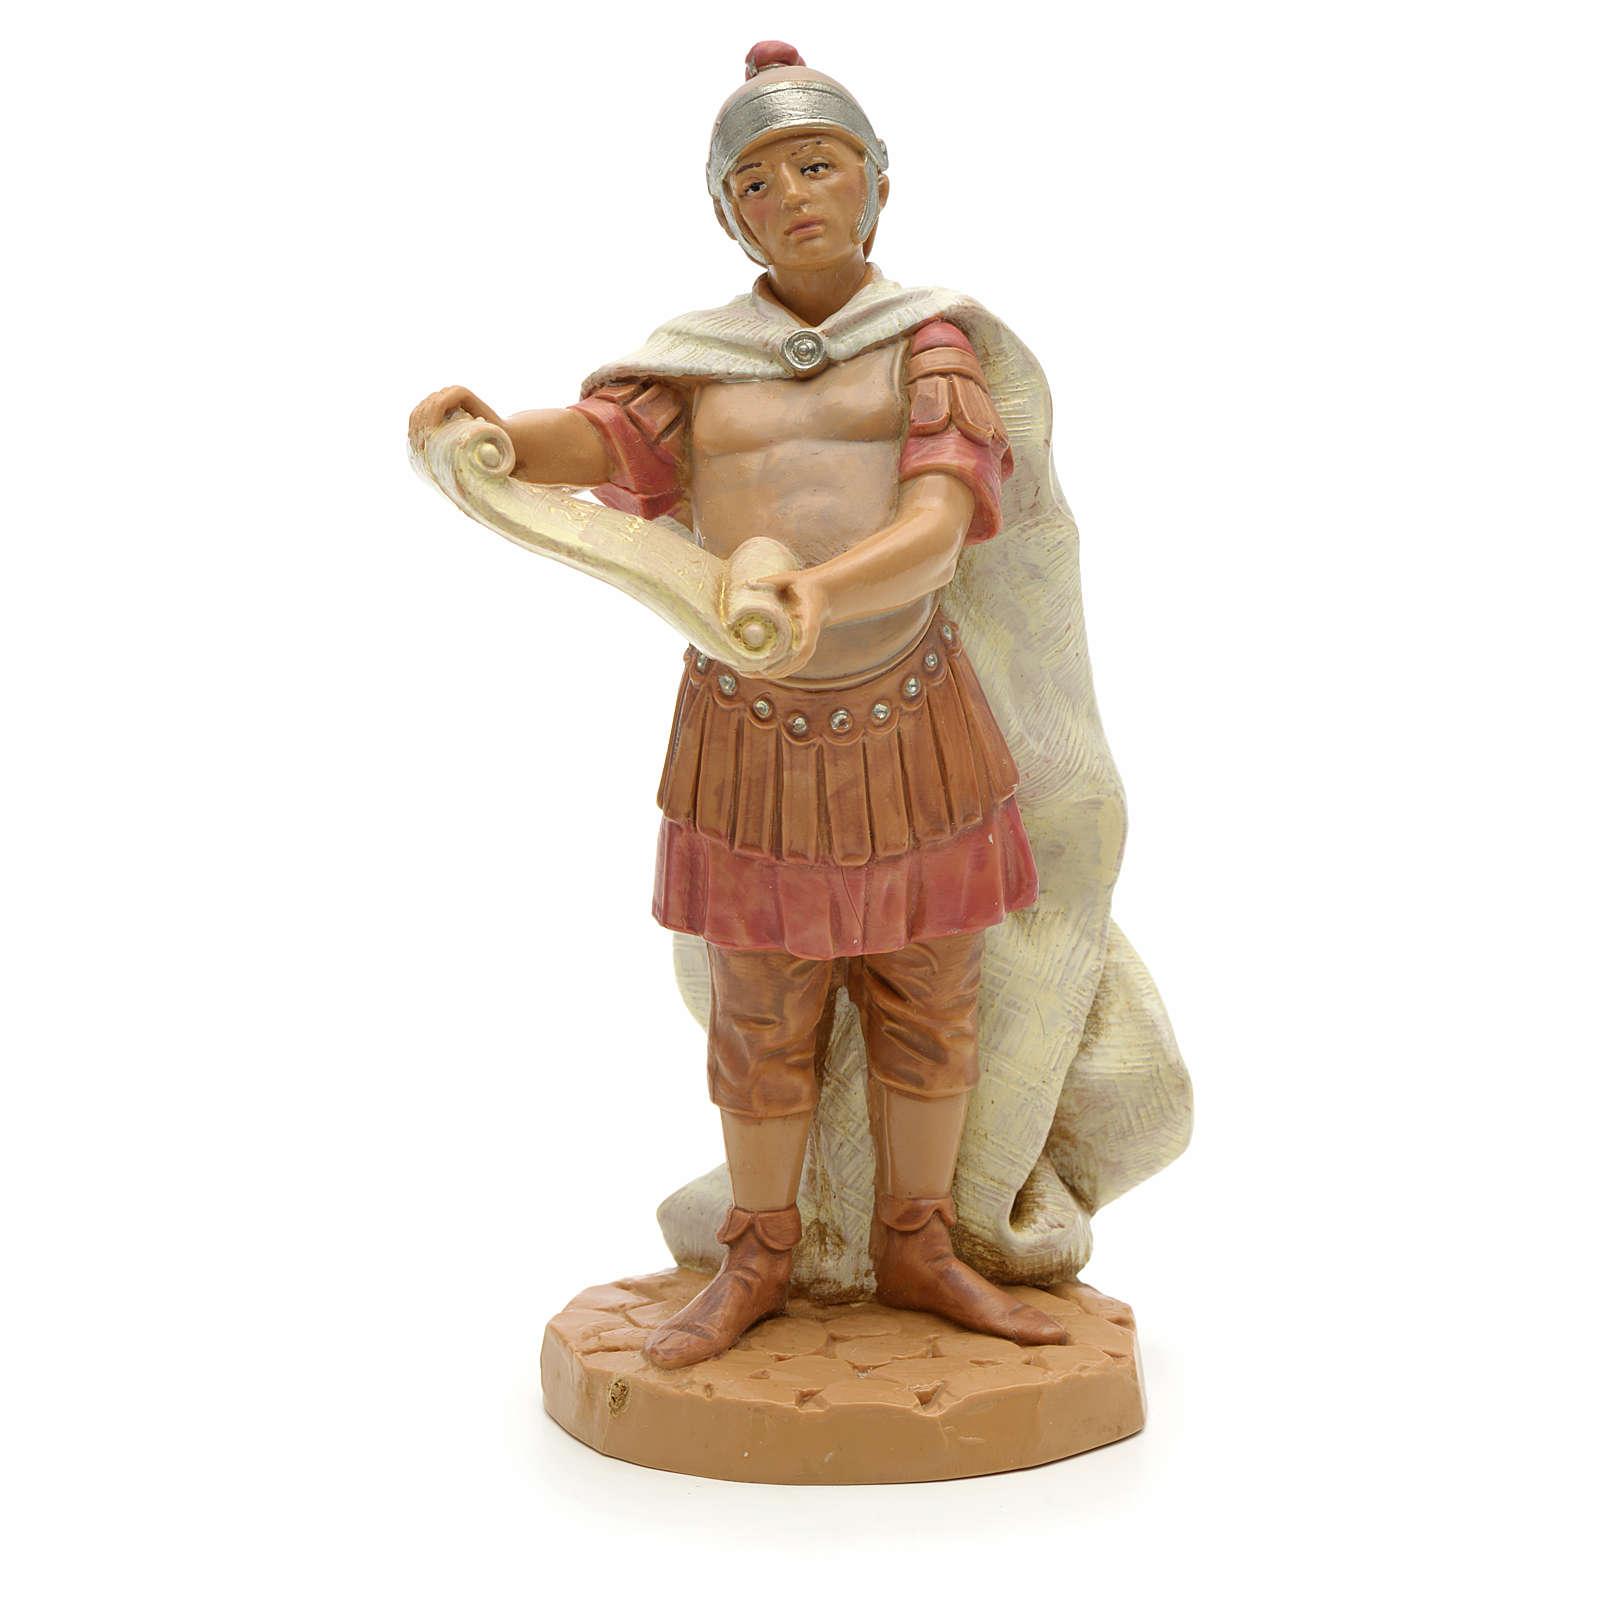 Żołnierz rzymski z pergaminem 12 cm Fontanini 4